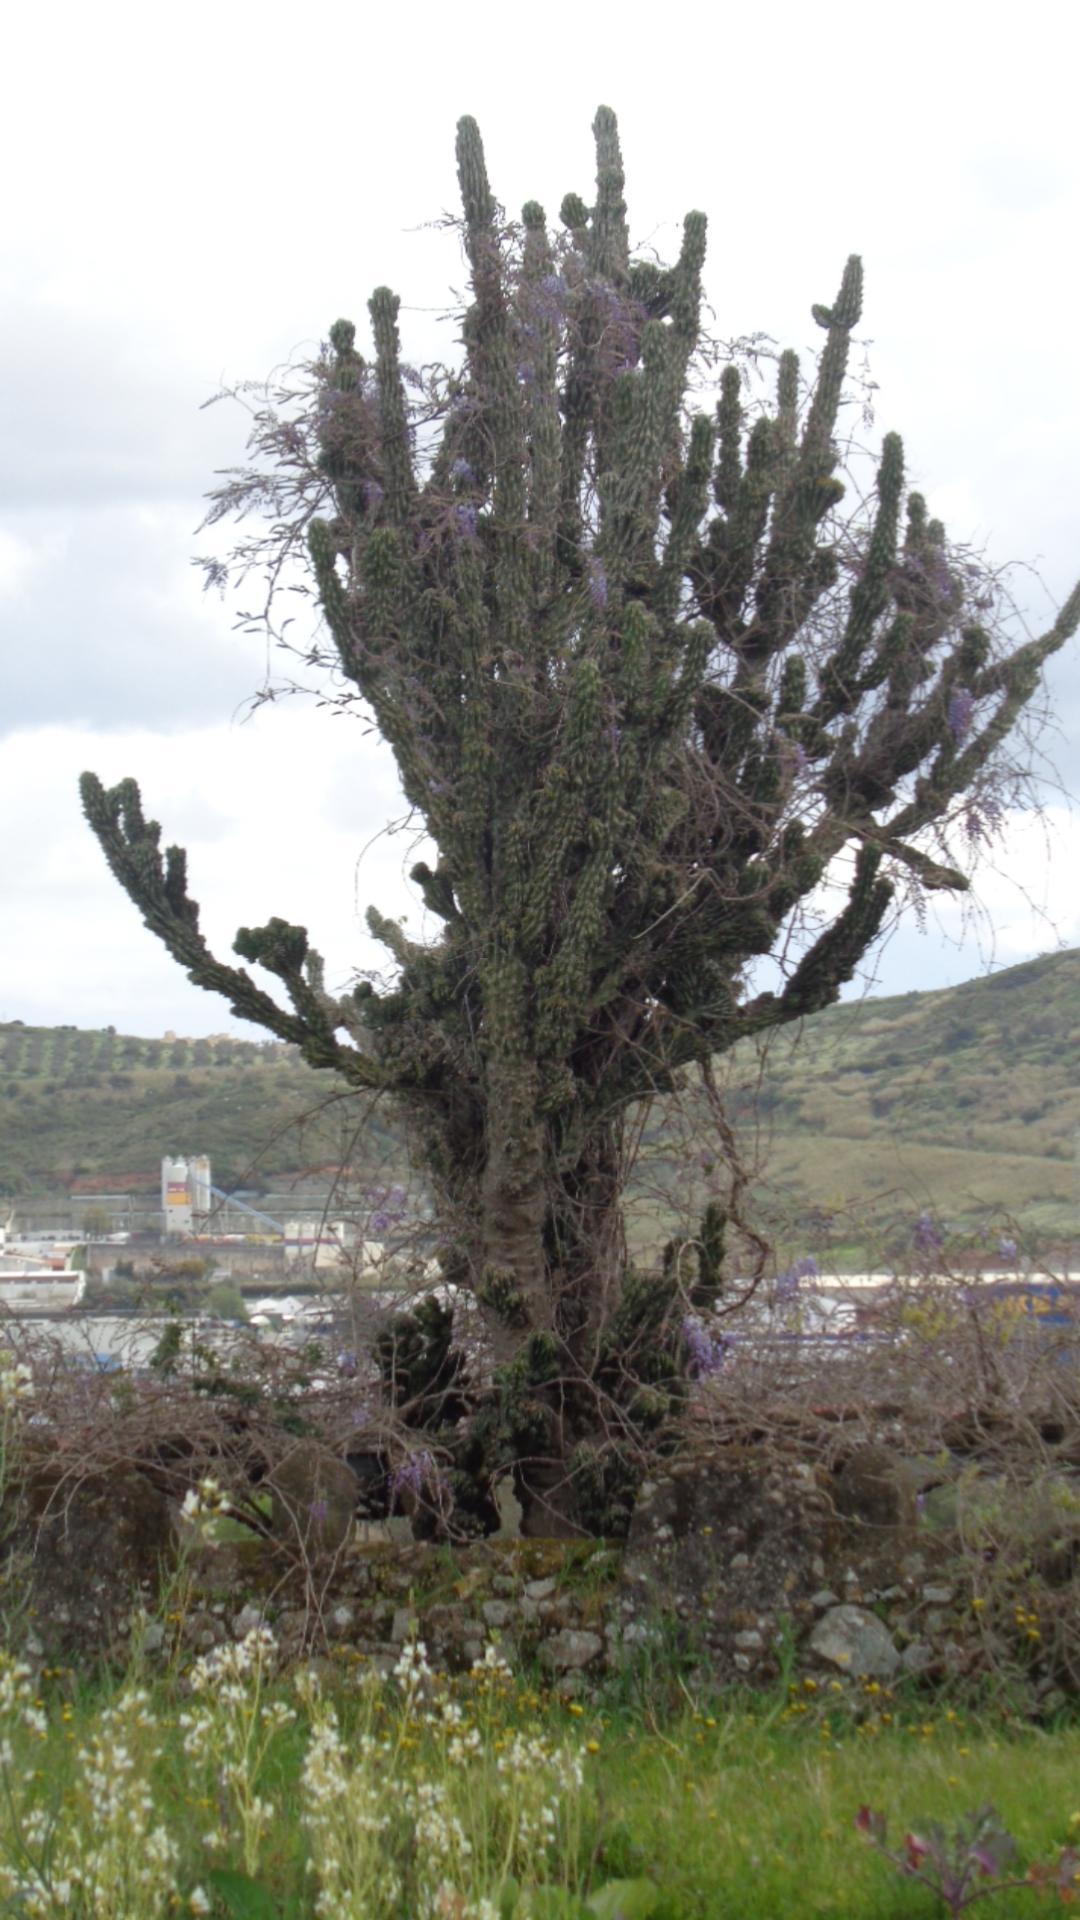 Espécie arbórea a preservar - Ana Almeida